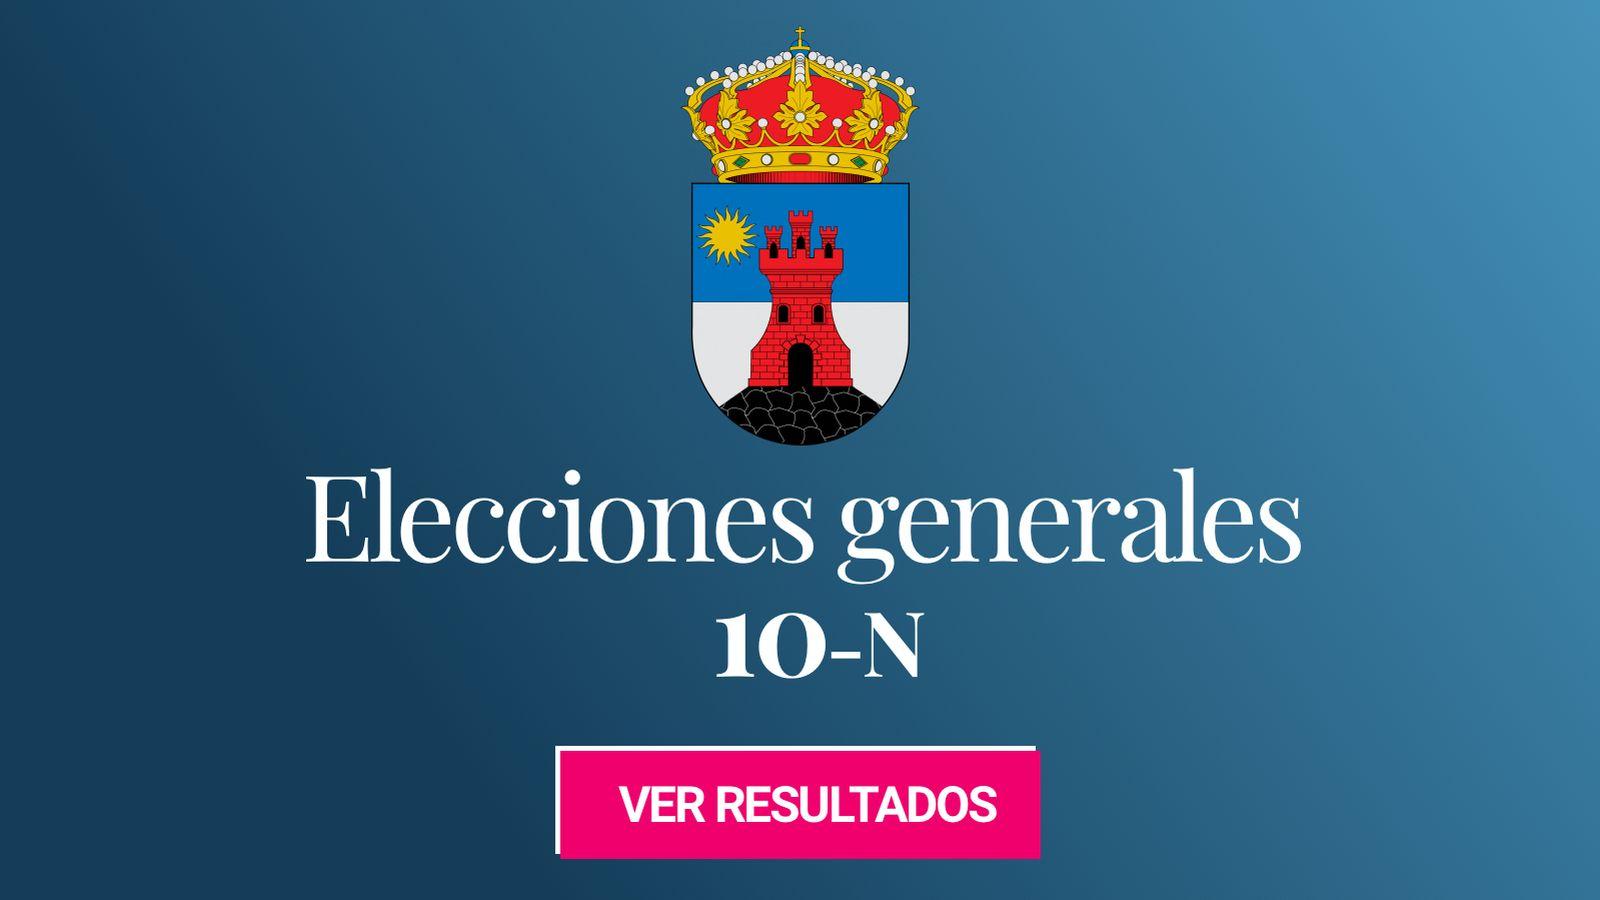 Foto: Elecciones generales 2019 en Roquetas de Mar. (C.C./EC)